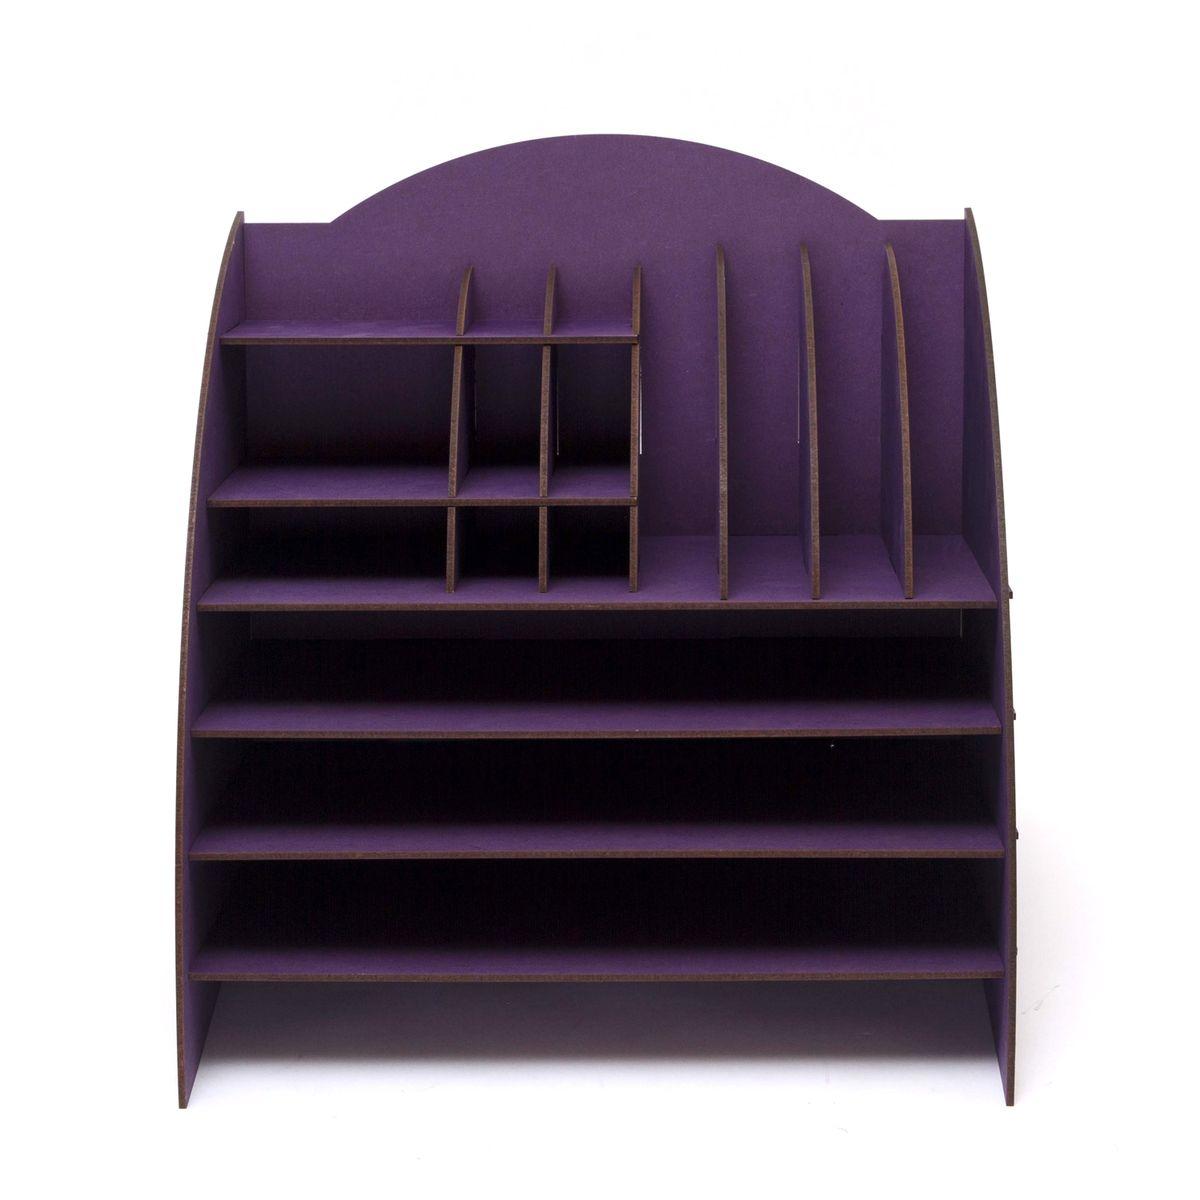 Органайзер настольный Homsu, 16 отделов, 35,5 x 32 x 34 смHOM-81Настольный органайзер Homsu выполнен из МДФ и легко собирается из съемных частей. Изделие имеет 16 отделений для хранения документов, канцелярских предметов и всяких мелочей. Органайзер просто незаменим на рабочем столе, он вместителен и не занимает много места. Оригинальный дизайн дополнит интерьер дома и разбавит цвет в скучном сером офисе. Размер: 35,5 х 32 х 34 см.